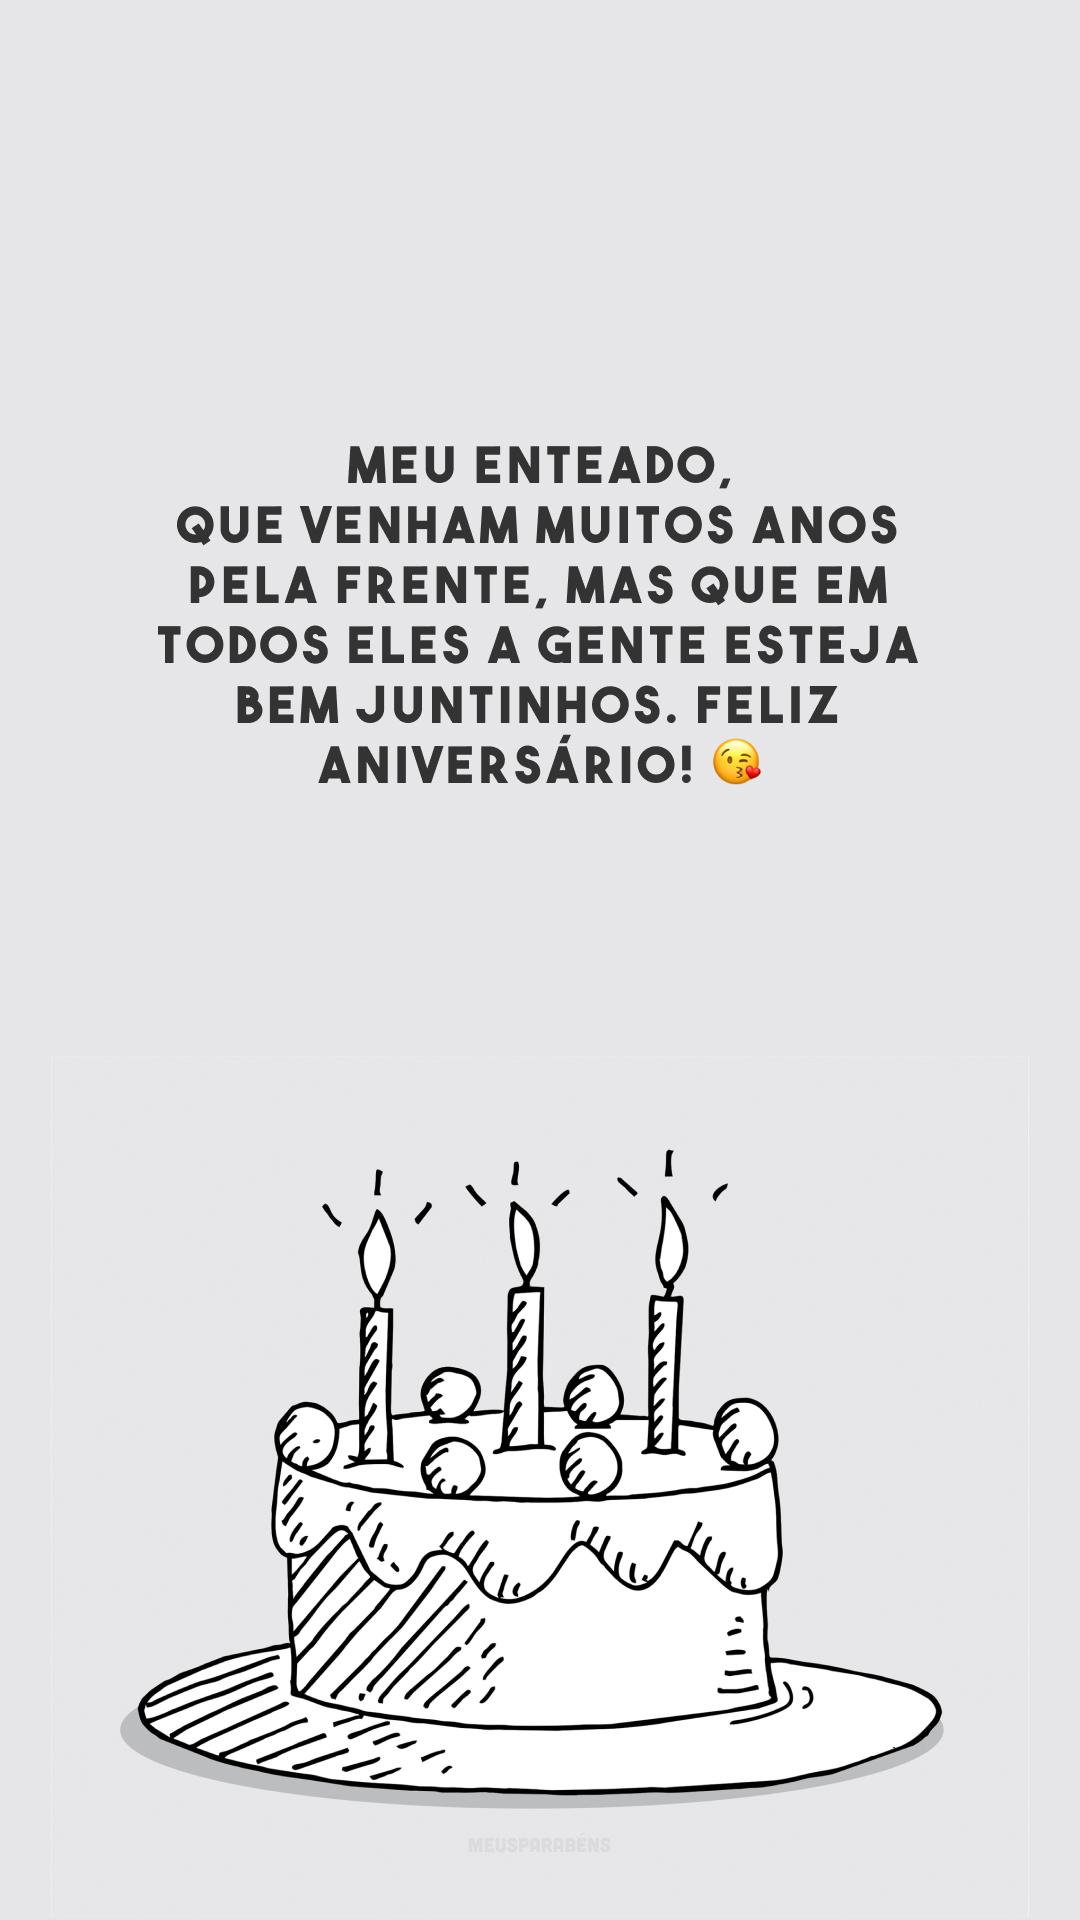 Meu enteado, que venham muitos anos pela frente, mas que em todos eles a gente esteja bem juntinhos. Feliz aniversário! 😘